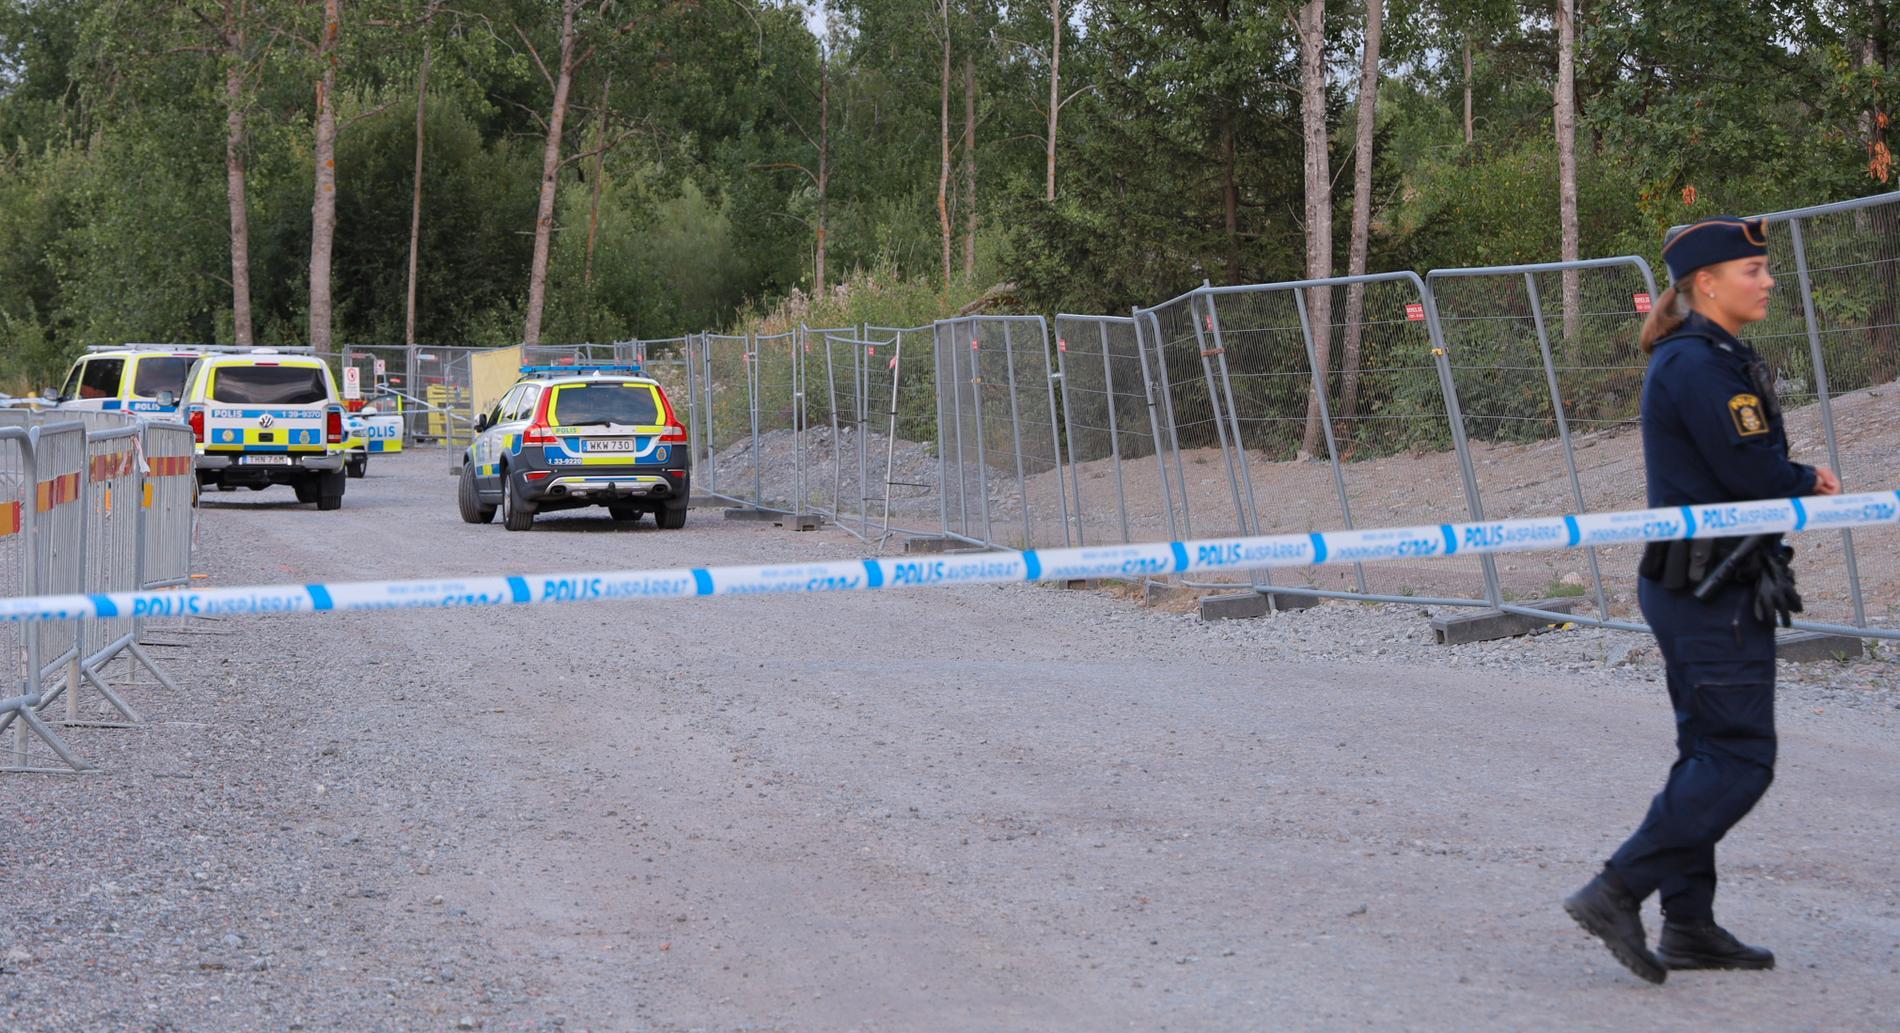 Flera tomhylsor säkrades på brottsplatsen, enligt uppgifter till Aftonbladet.